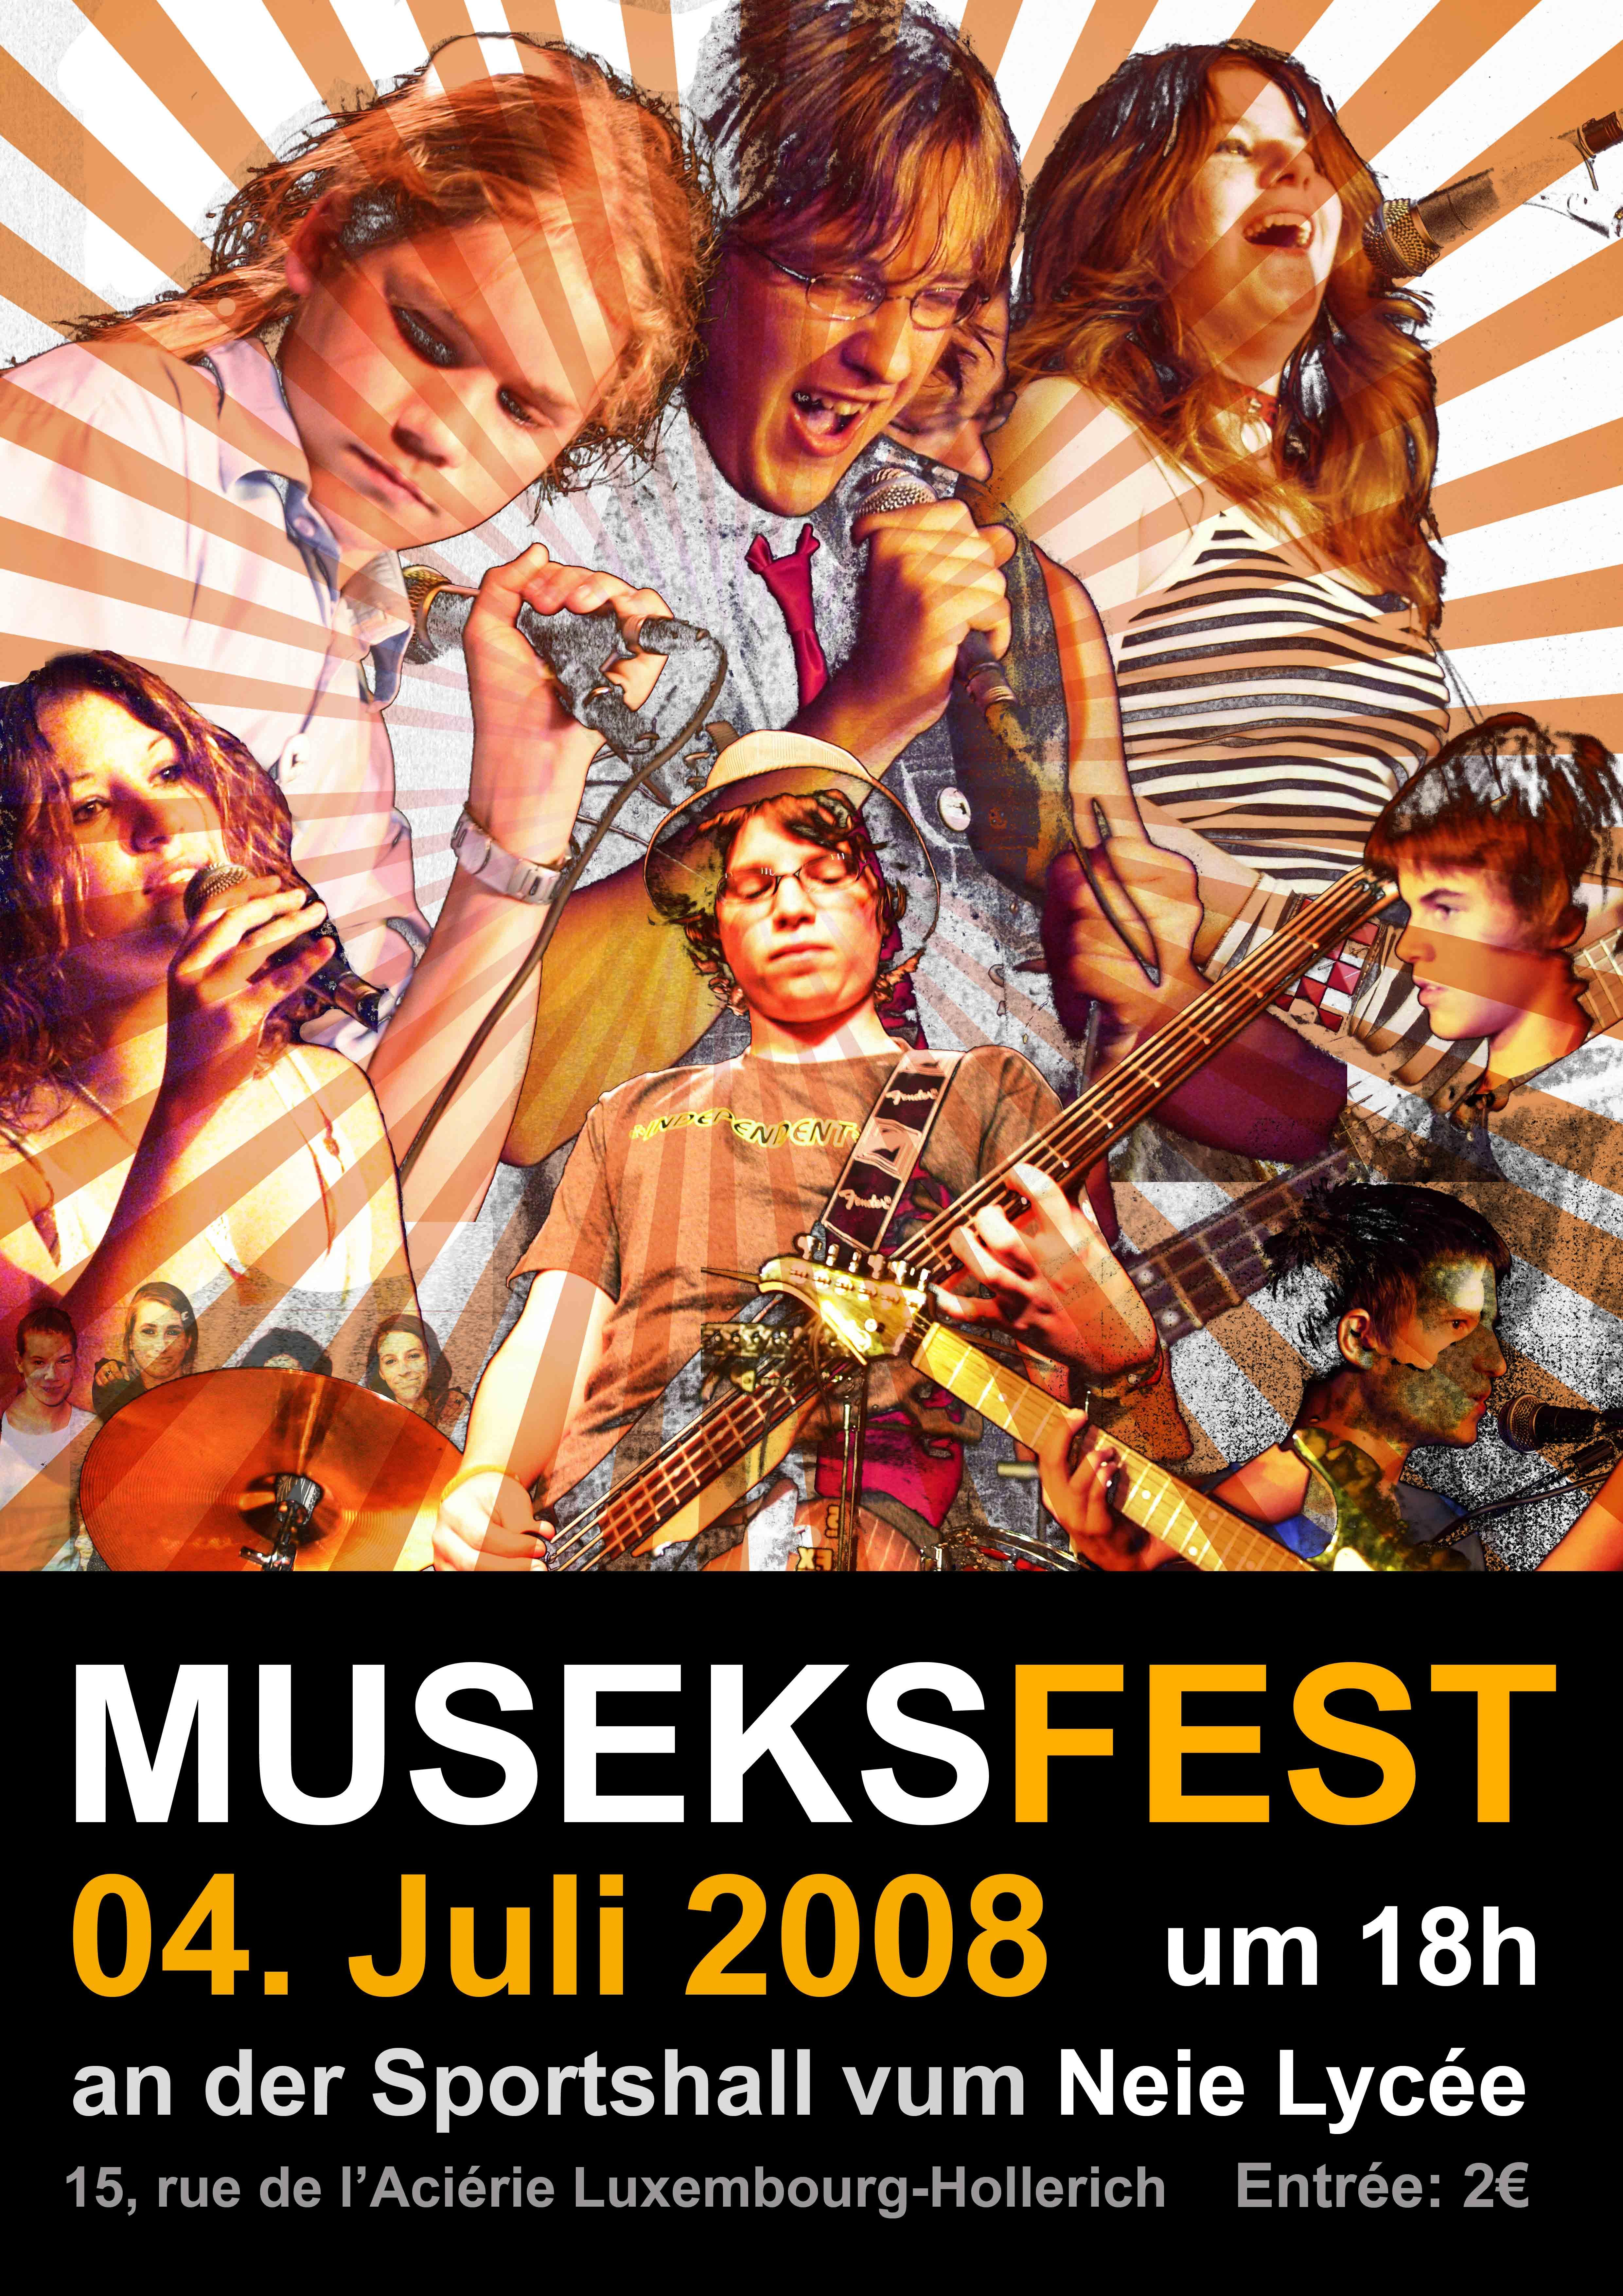 2008 museksfest.jpg